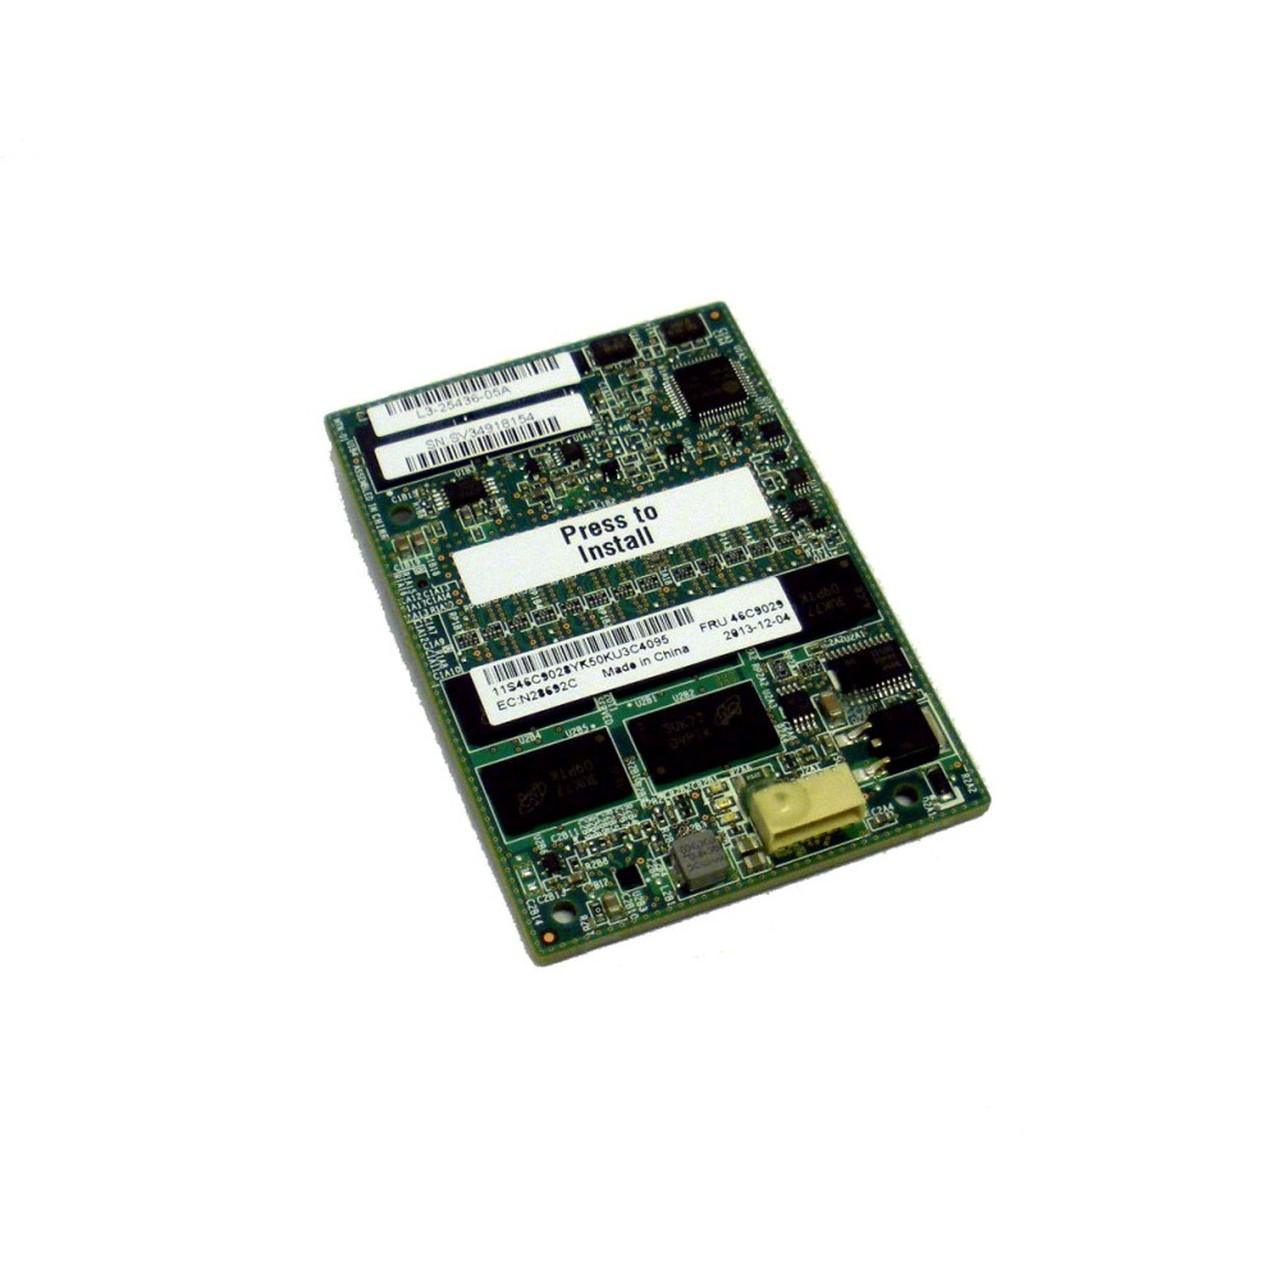 IBM 1GB MEMORY FLASH / RAID 5 FOR IBM SERVERAID M5016 / M5100 SERIES 46C9029